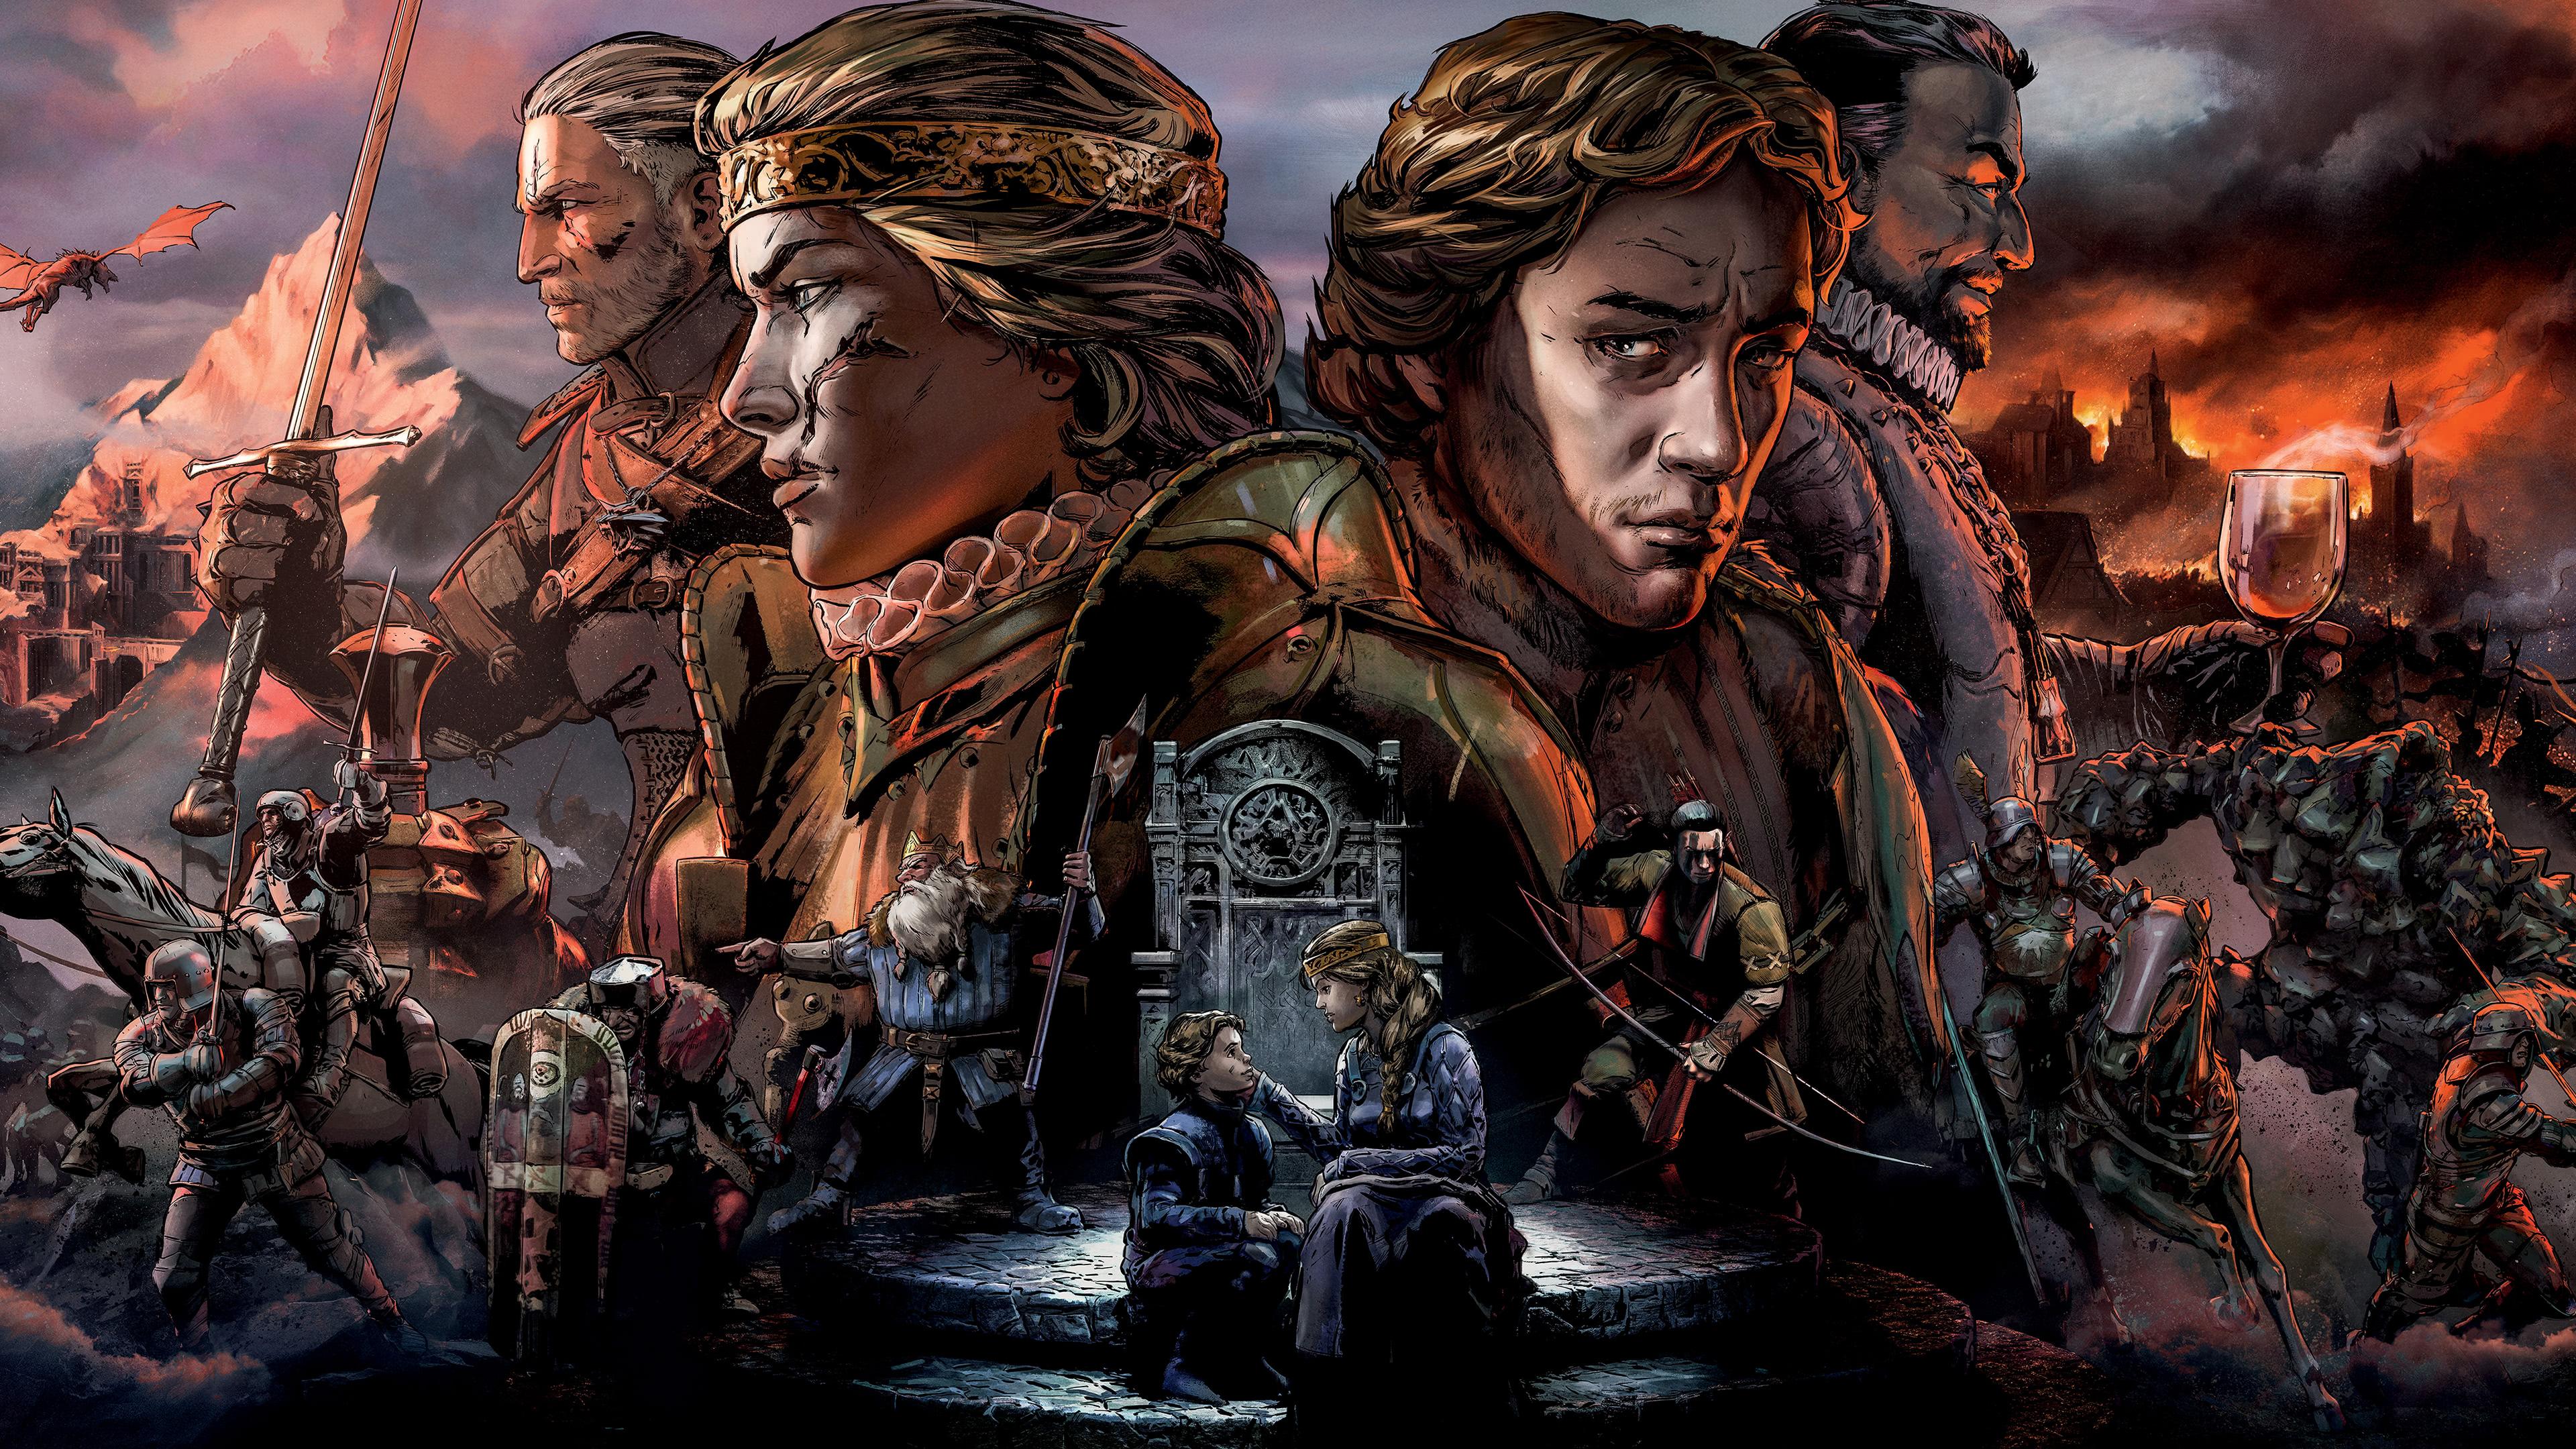 Thronebreaker The Witcher Tales UHD 4K Wallpaper Pixelz 3840x2160